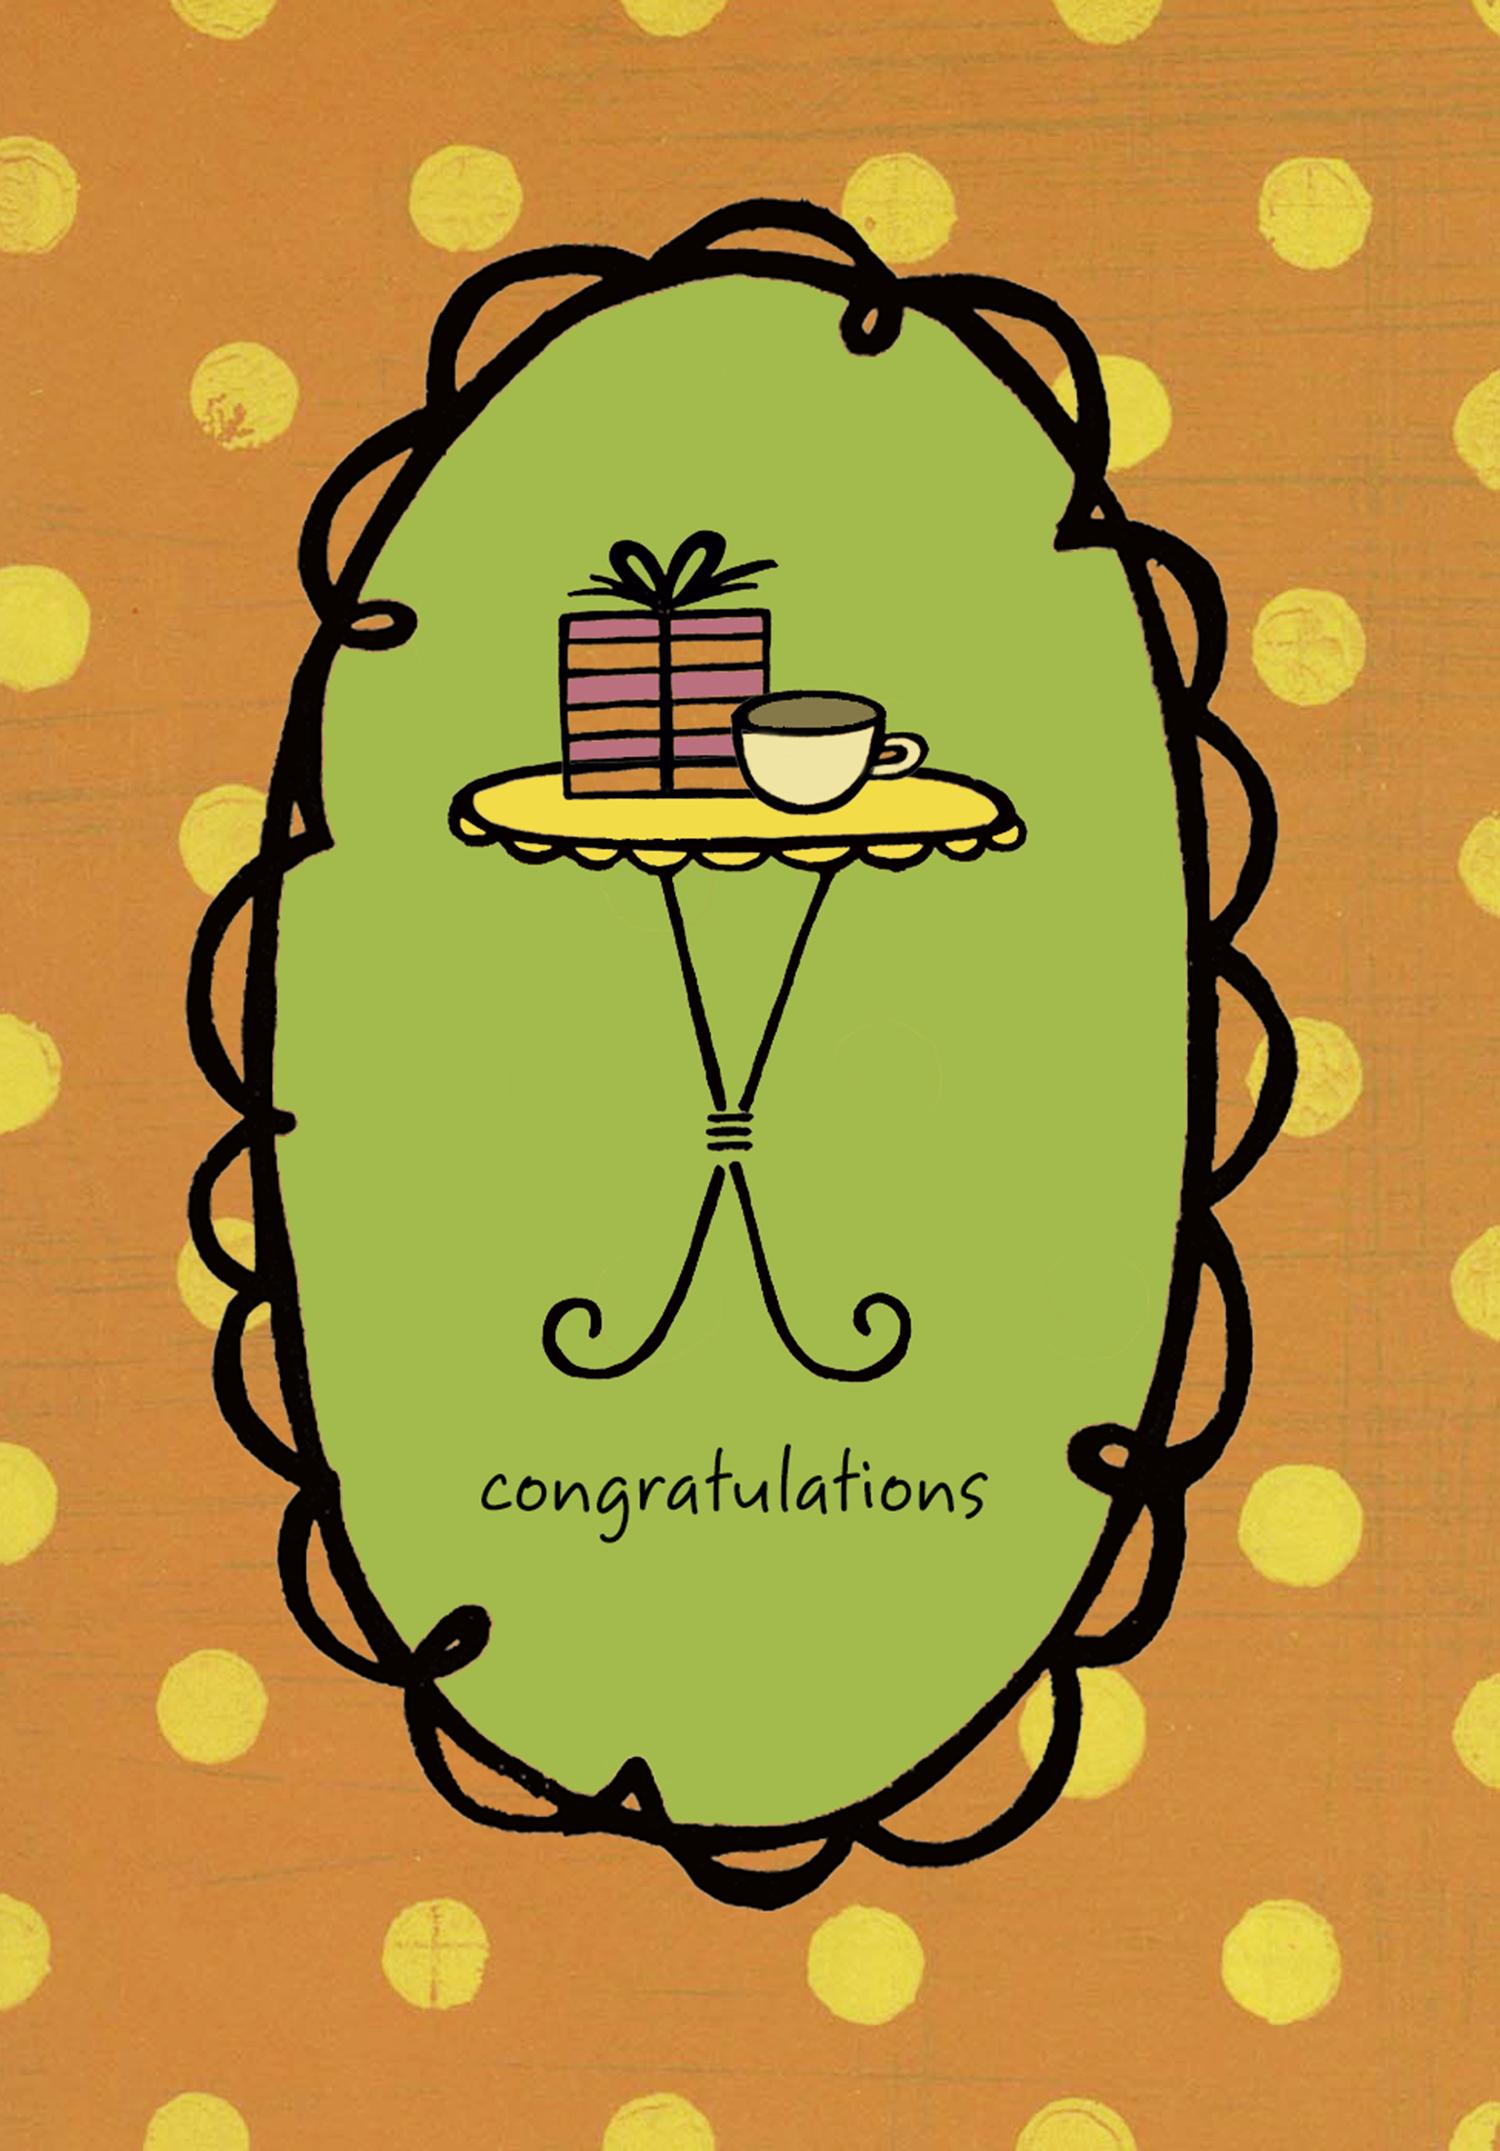 Congrats polka